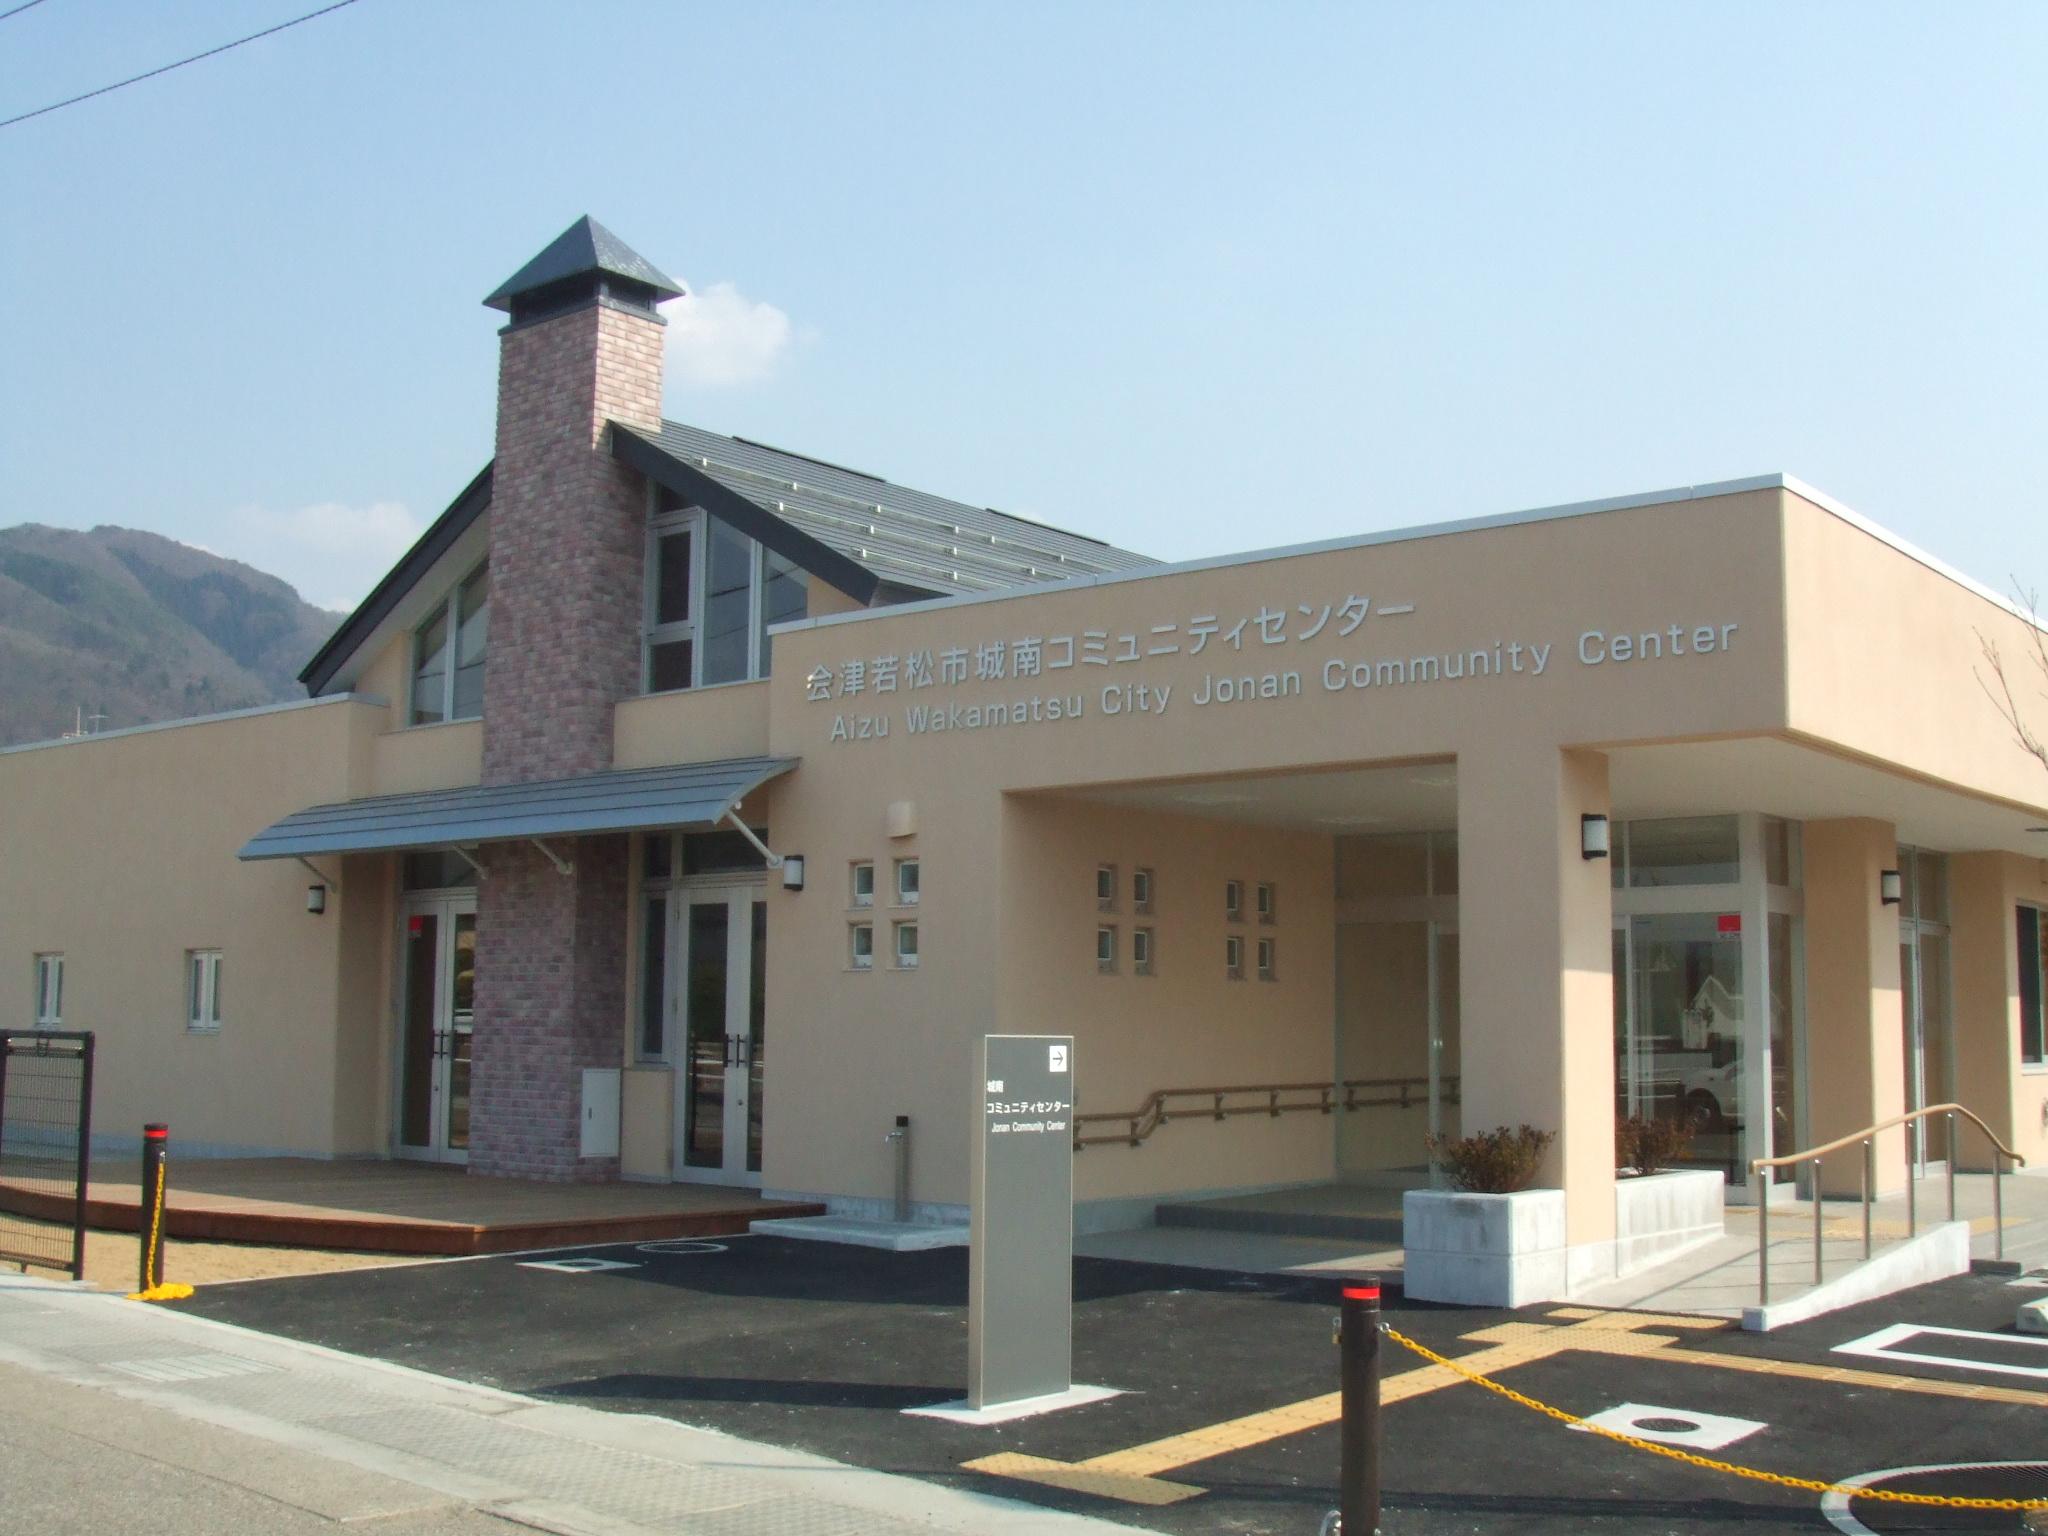 城南コミュニティセンター